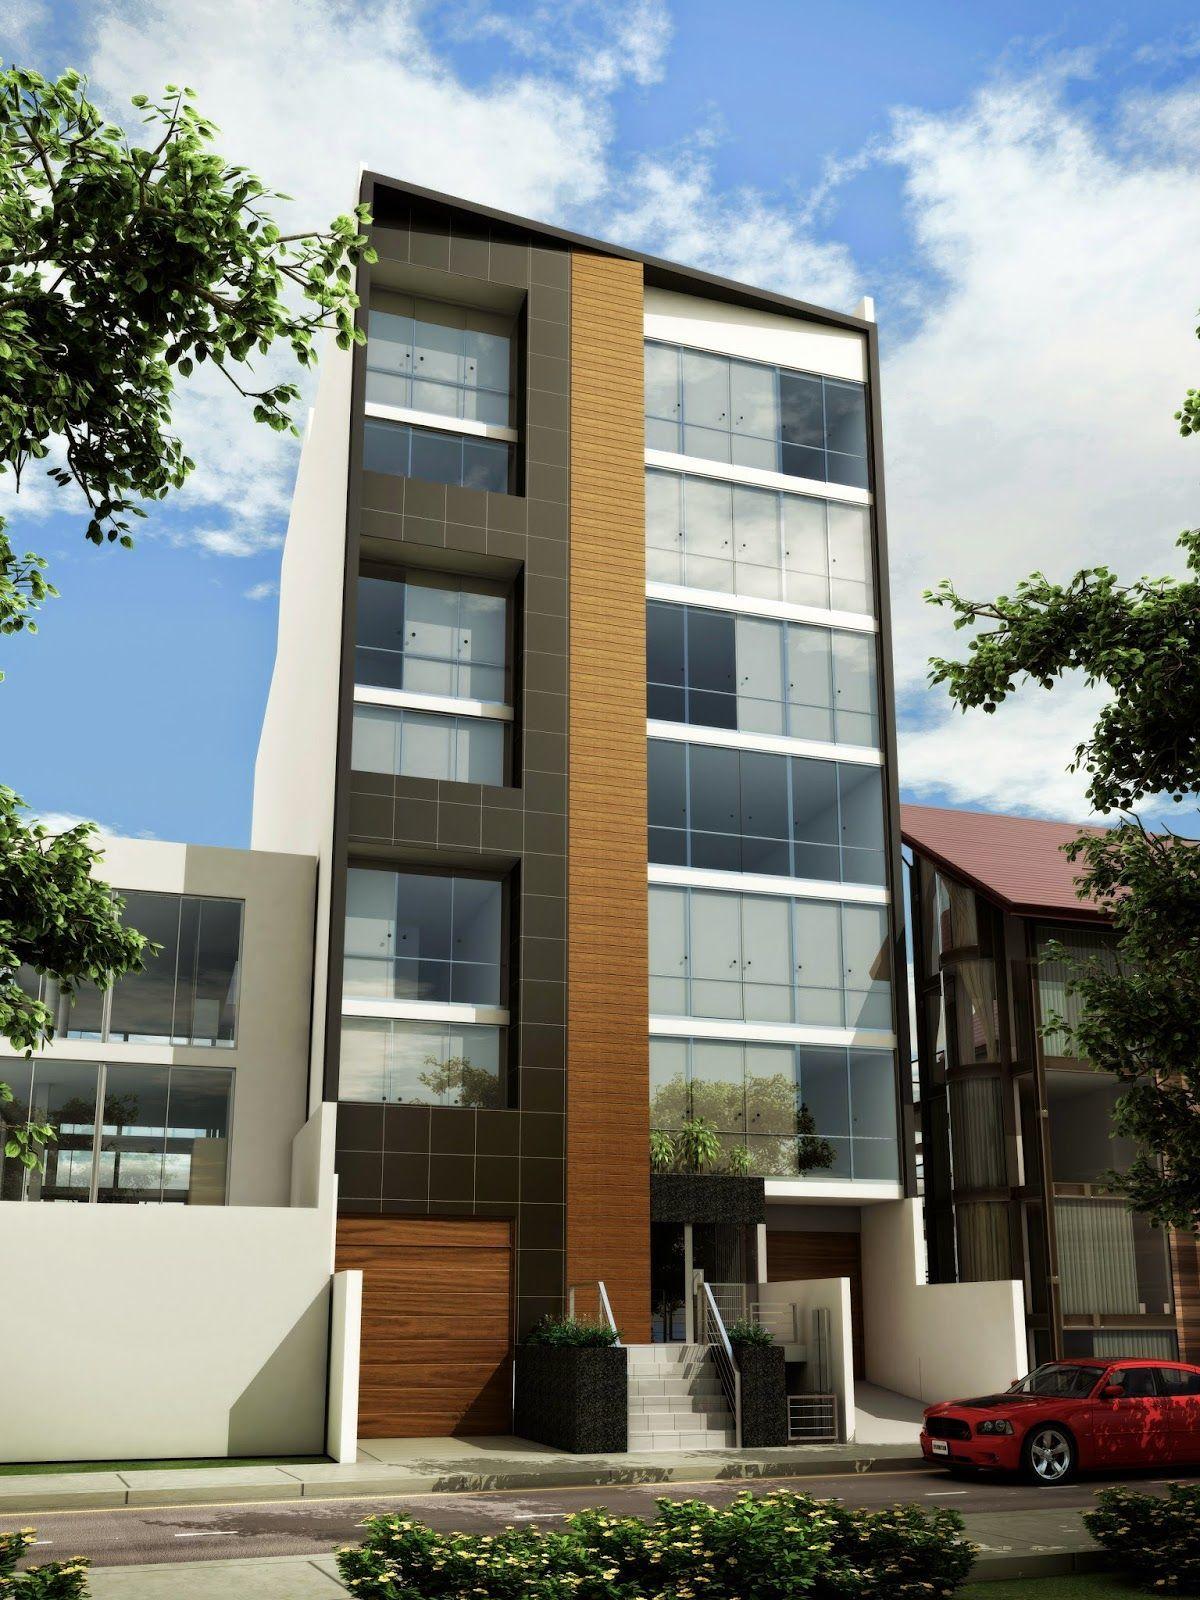 Fachadas de departamentos modernos buscar con google for Fachadas edificios modernos